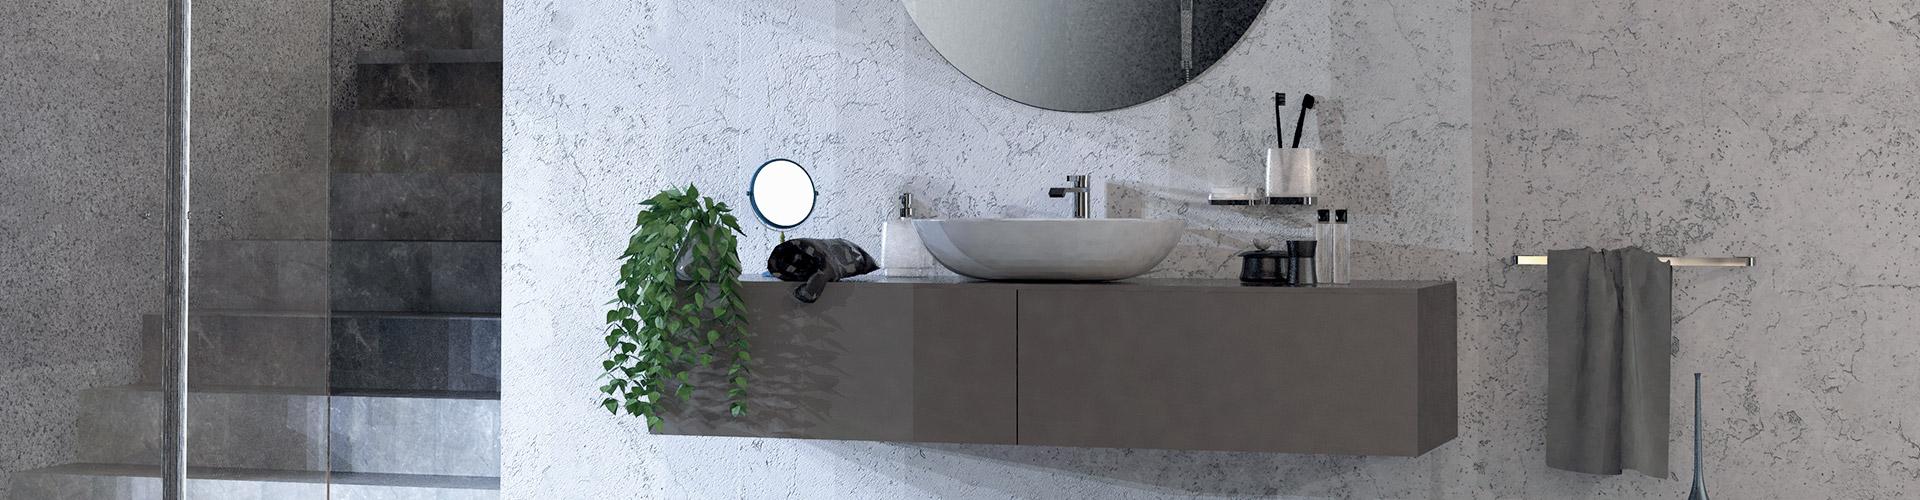 Accessori per il bagno colombo design carboni casa for Accessori per bagno colombo